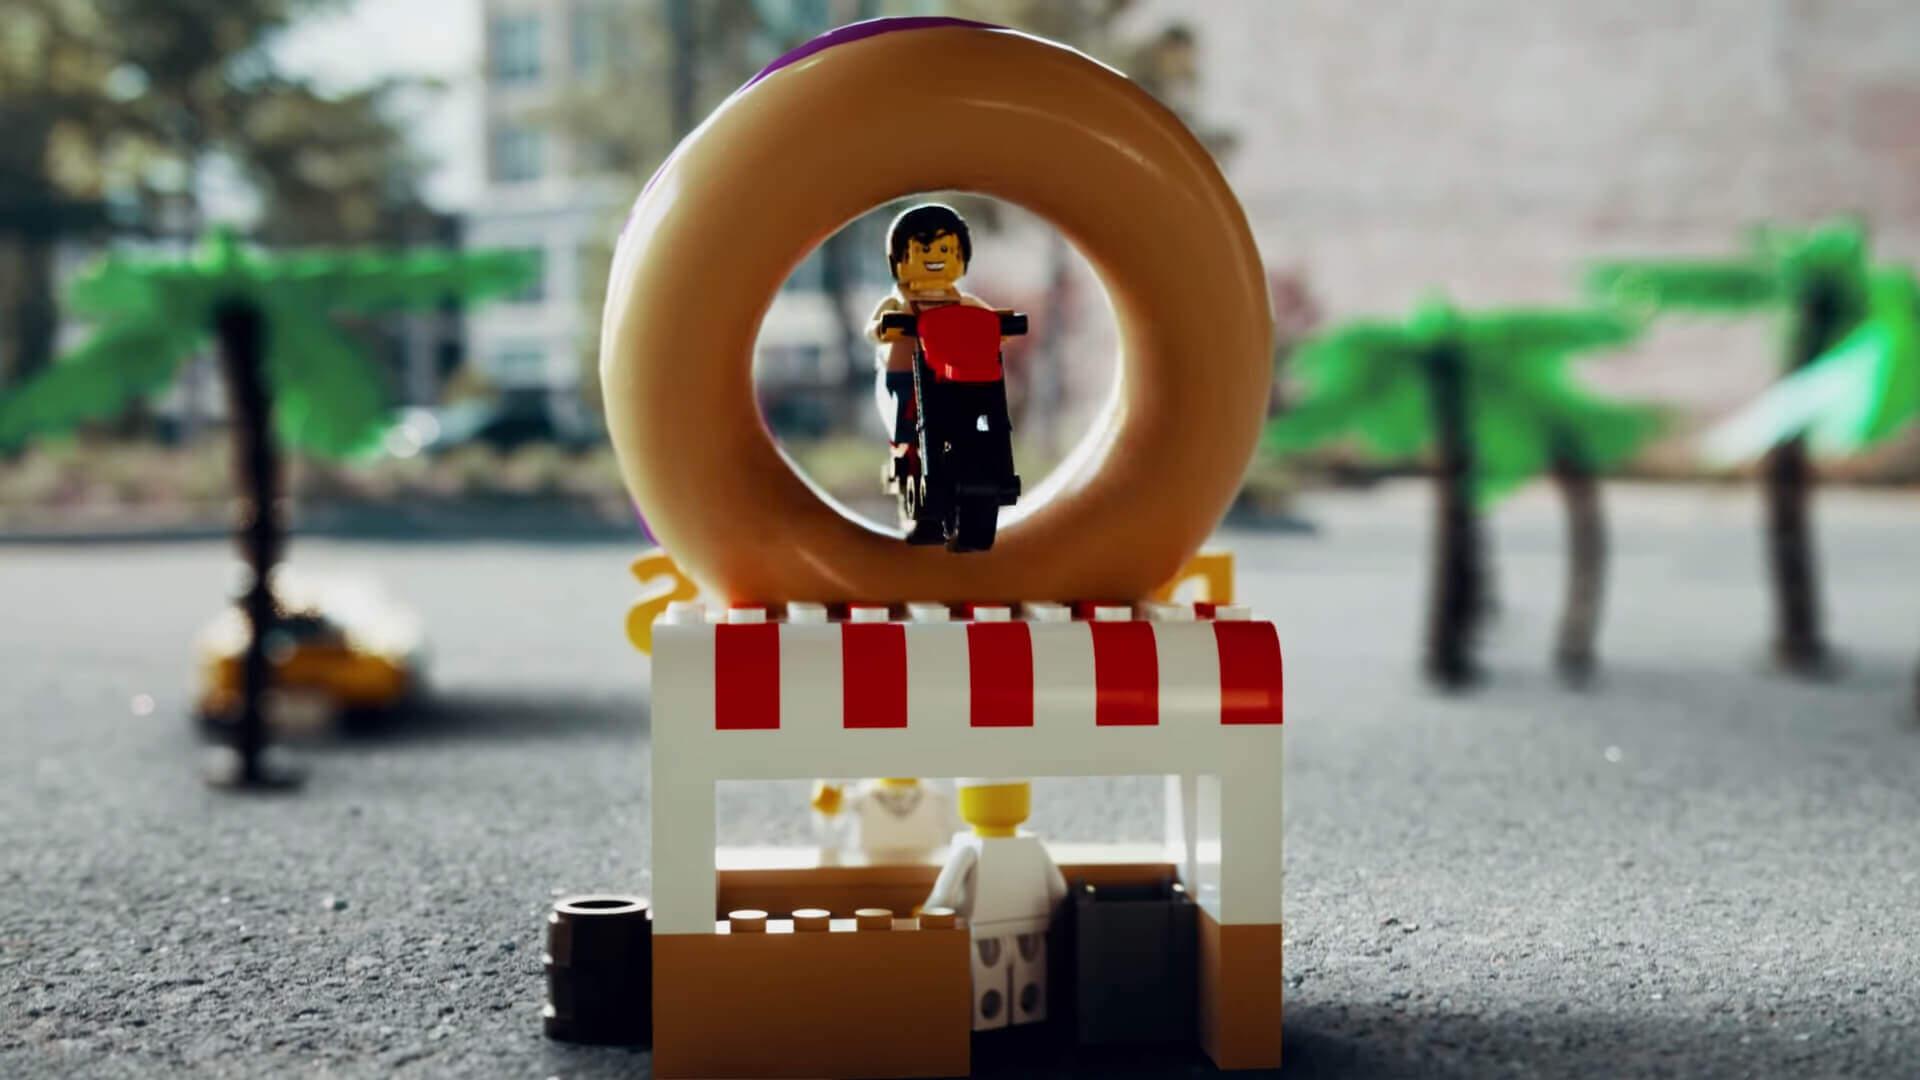 LEGOキャラクターがGTA的に暴れるムービー:Grand Theft Auto meets LEGO